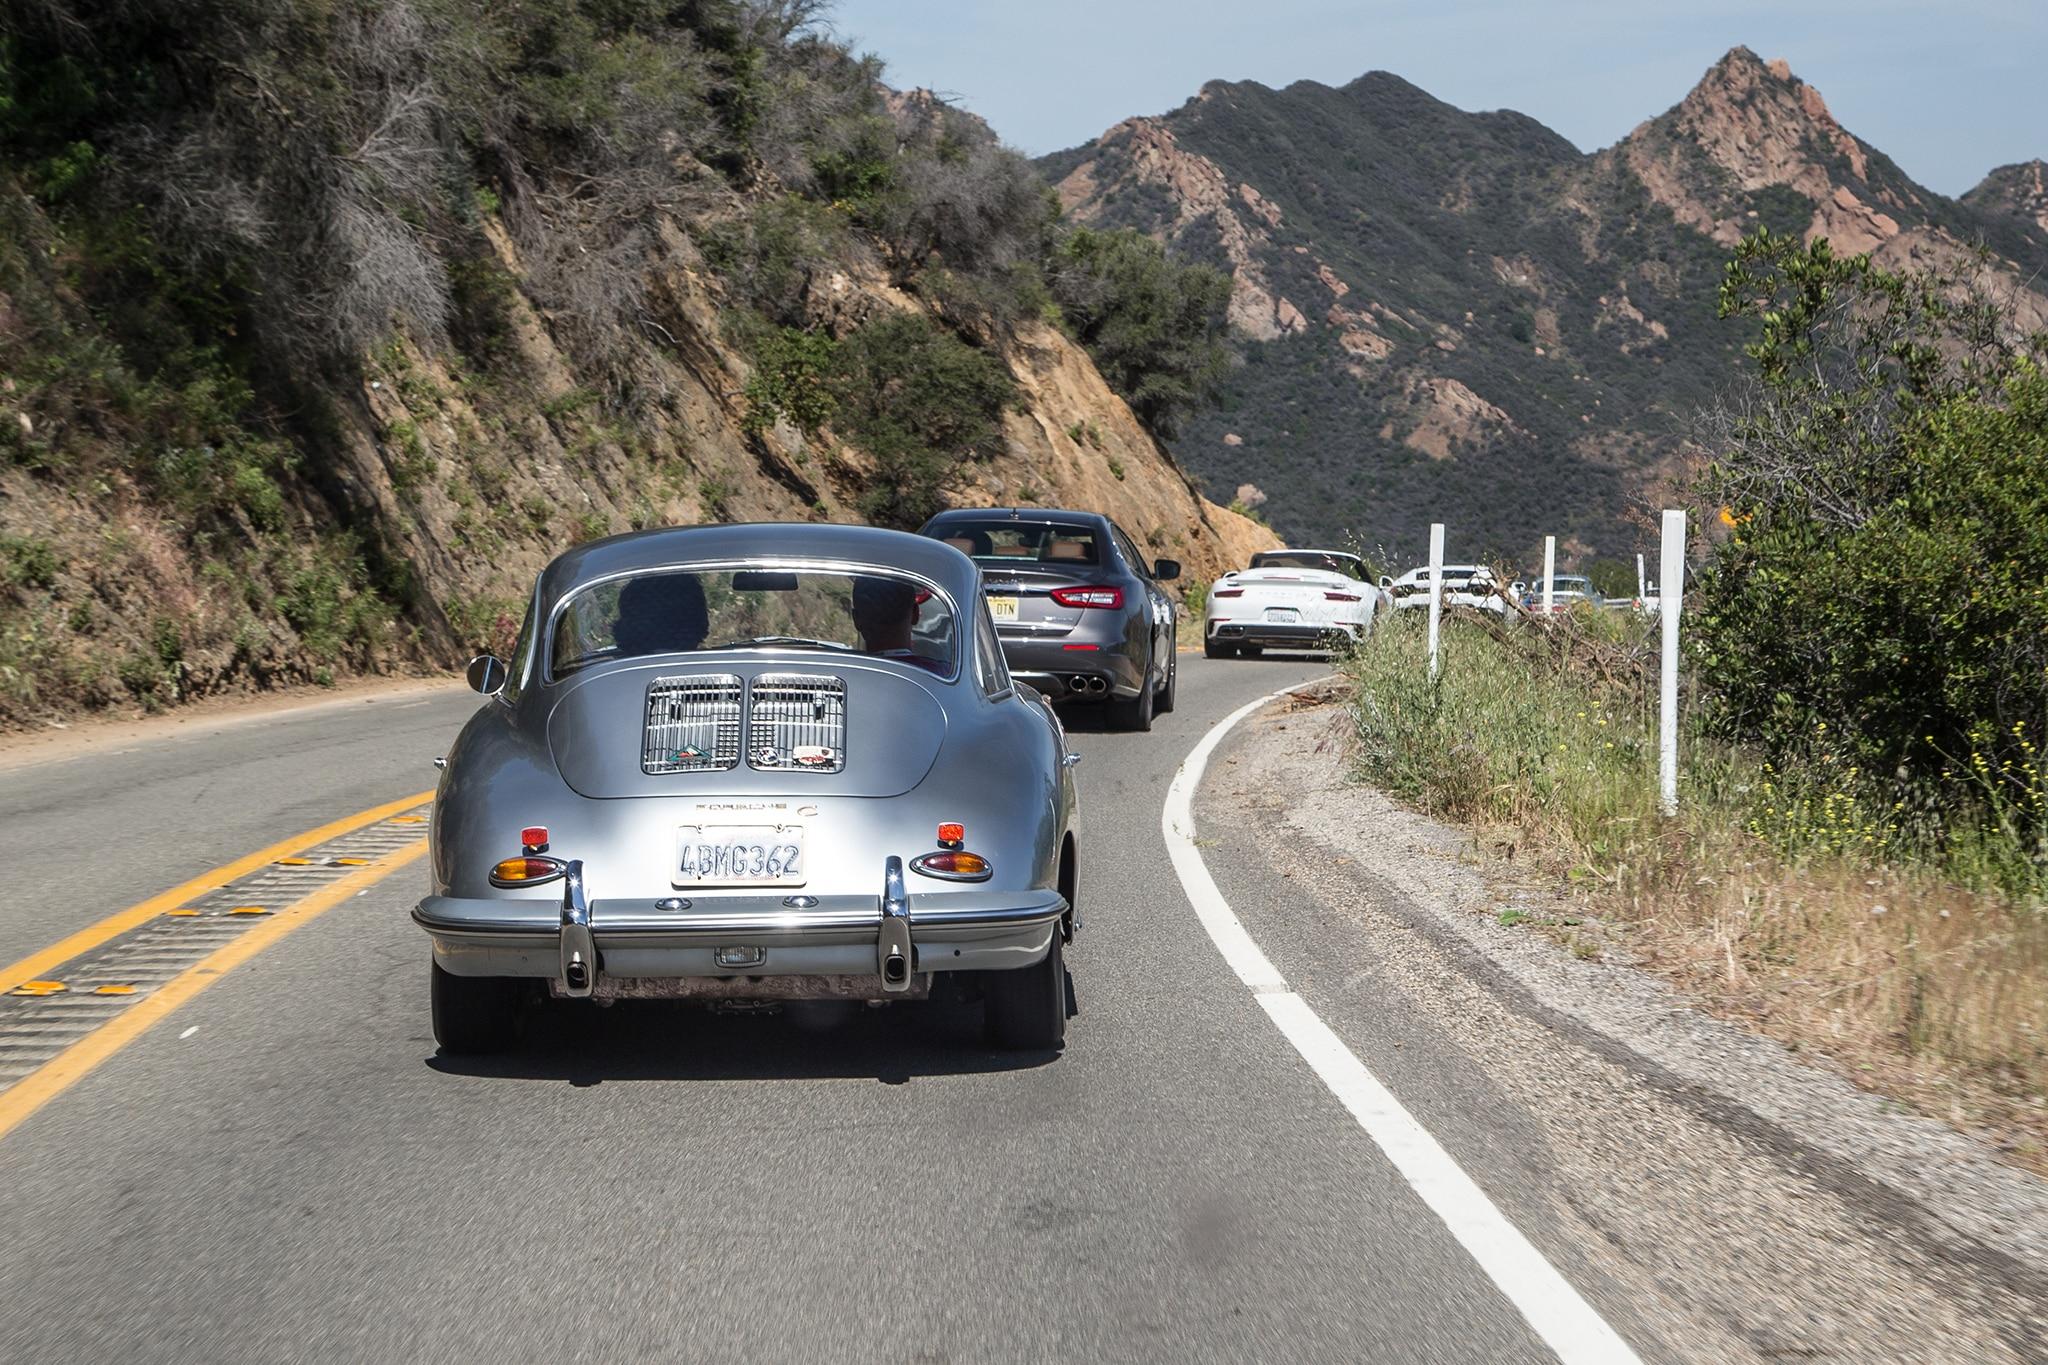 1964 Porsche 356 C Rear View In Motion 02